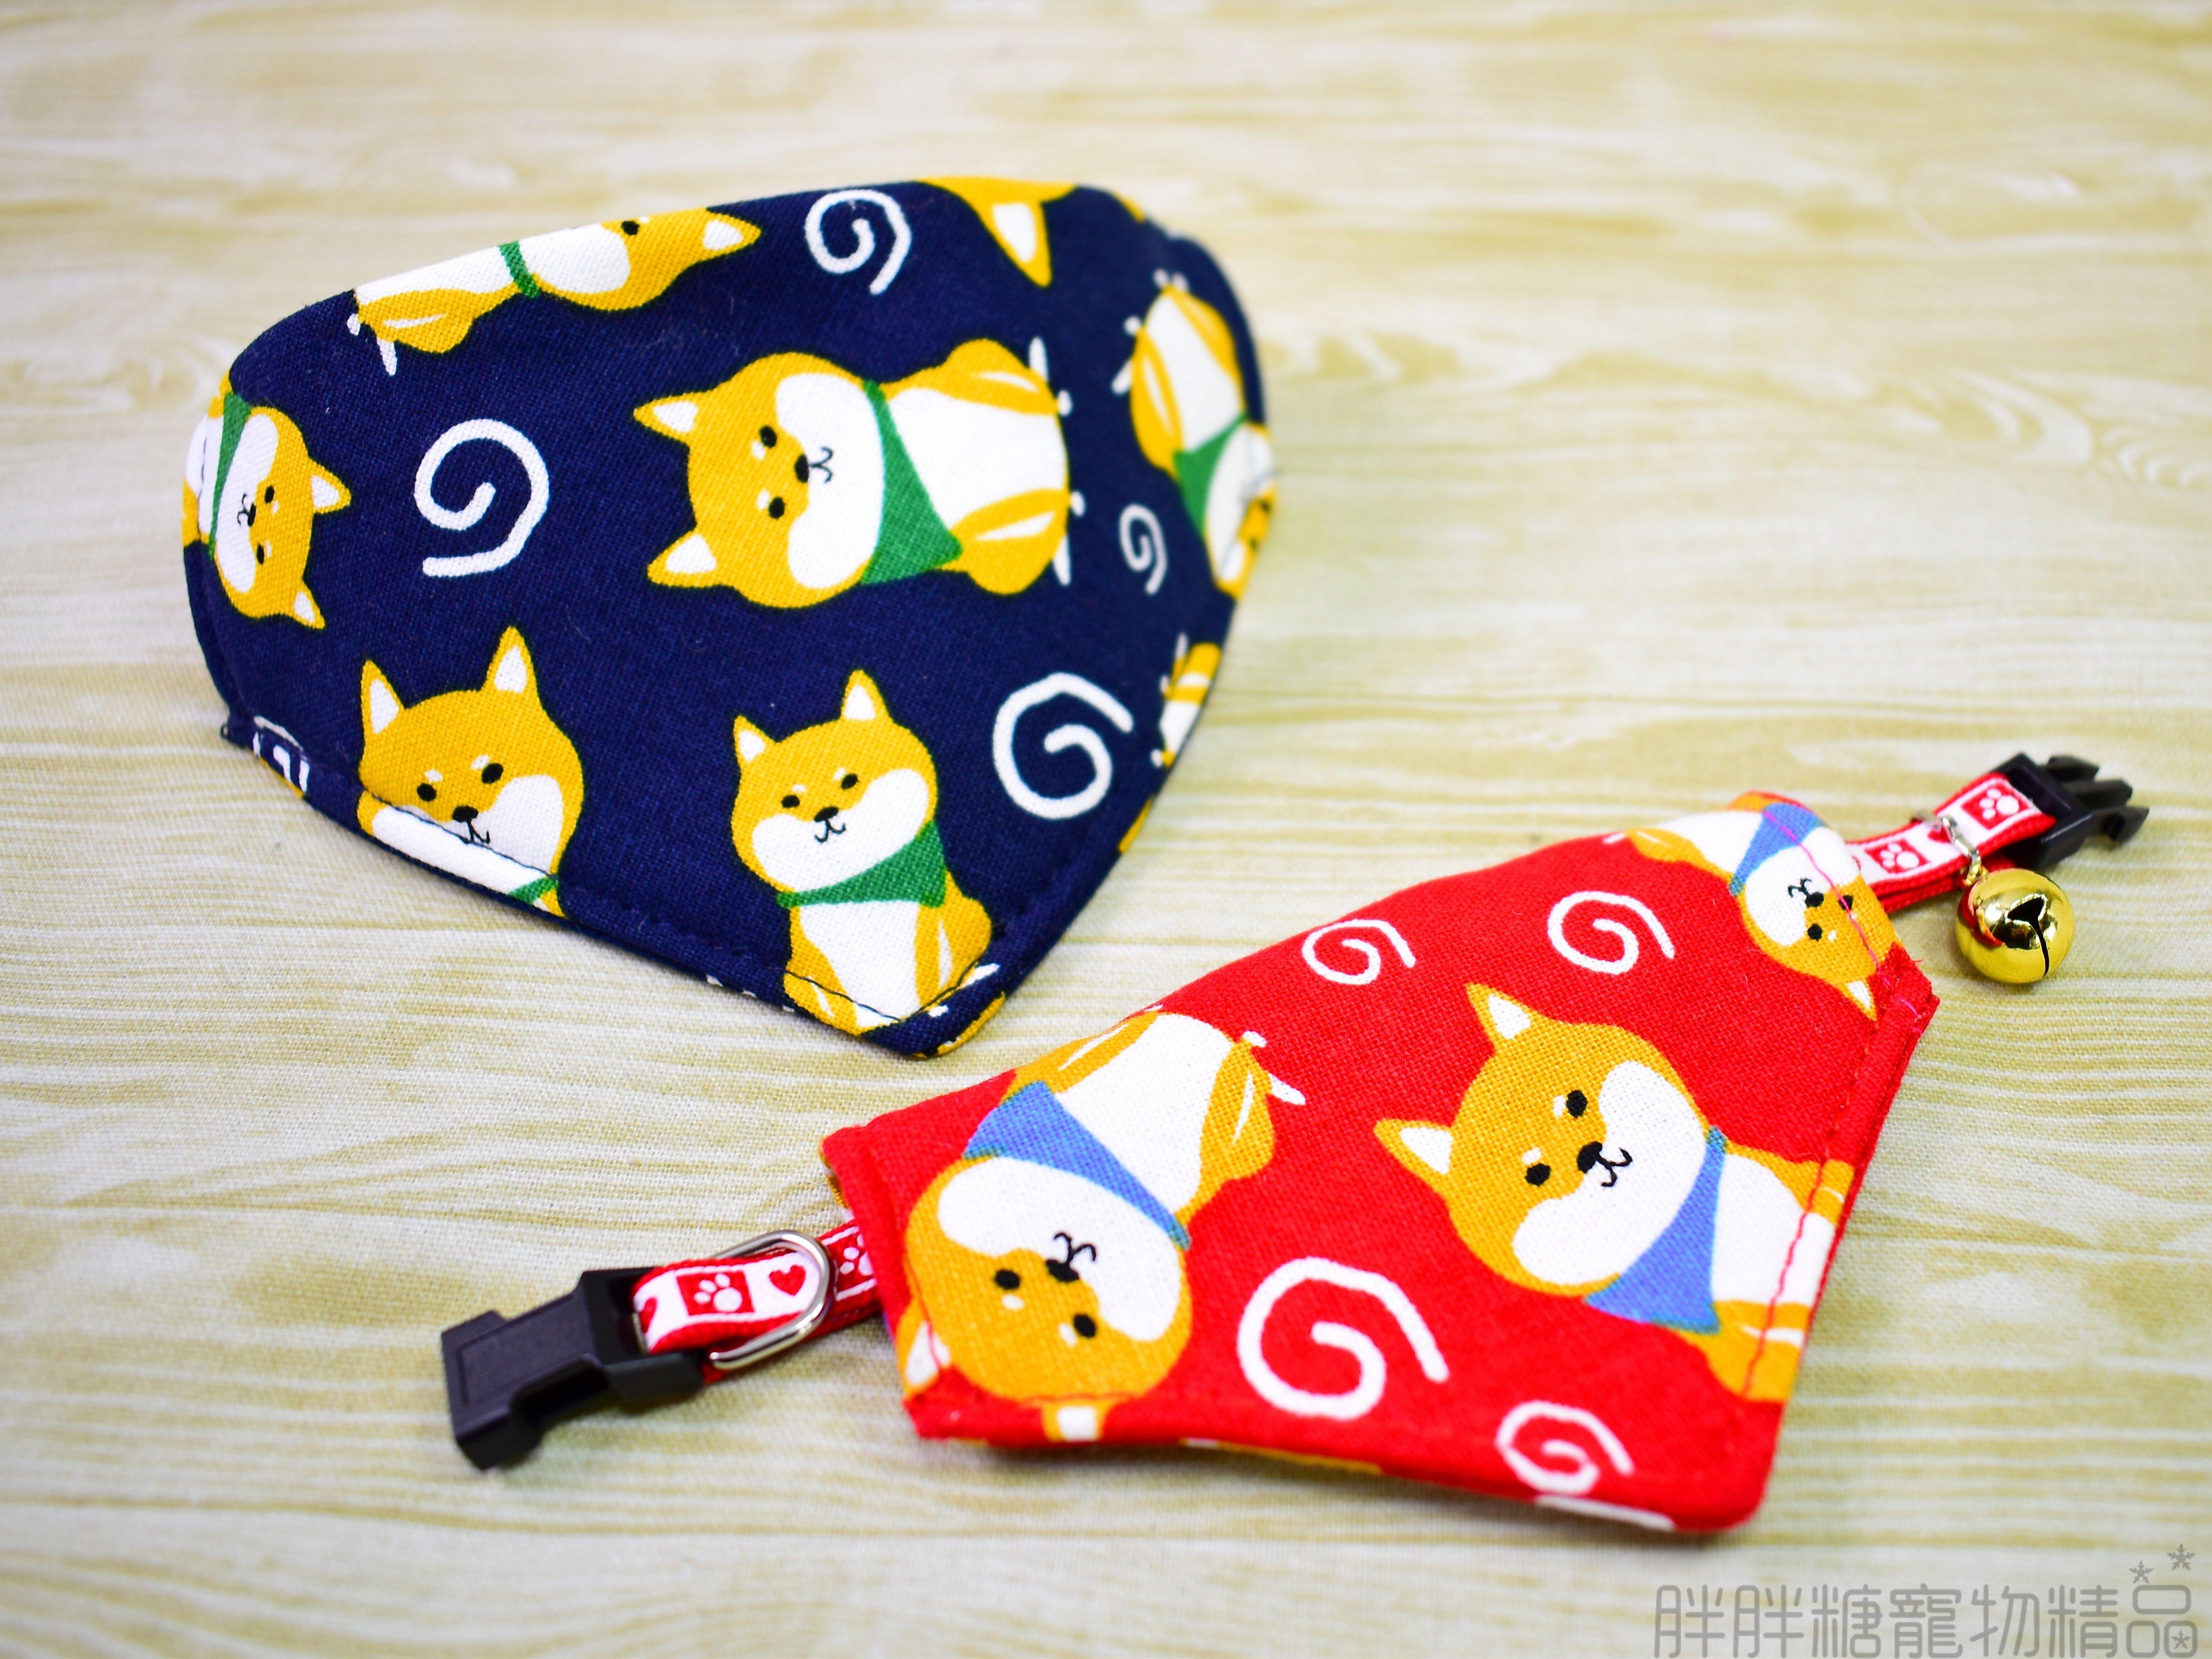 【胖胖糖】日式柴犬領巾項圈(XS號)-寵物項圈 安全扣 可伸縮 大中小型犬 頸圈 貓項圈 狗項圈